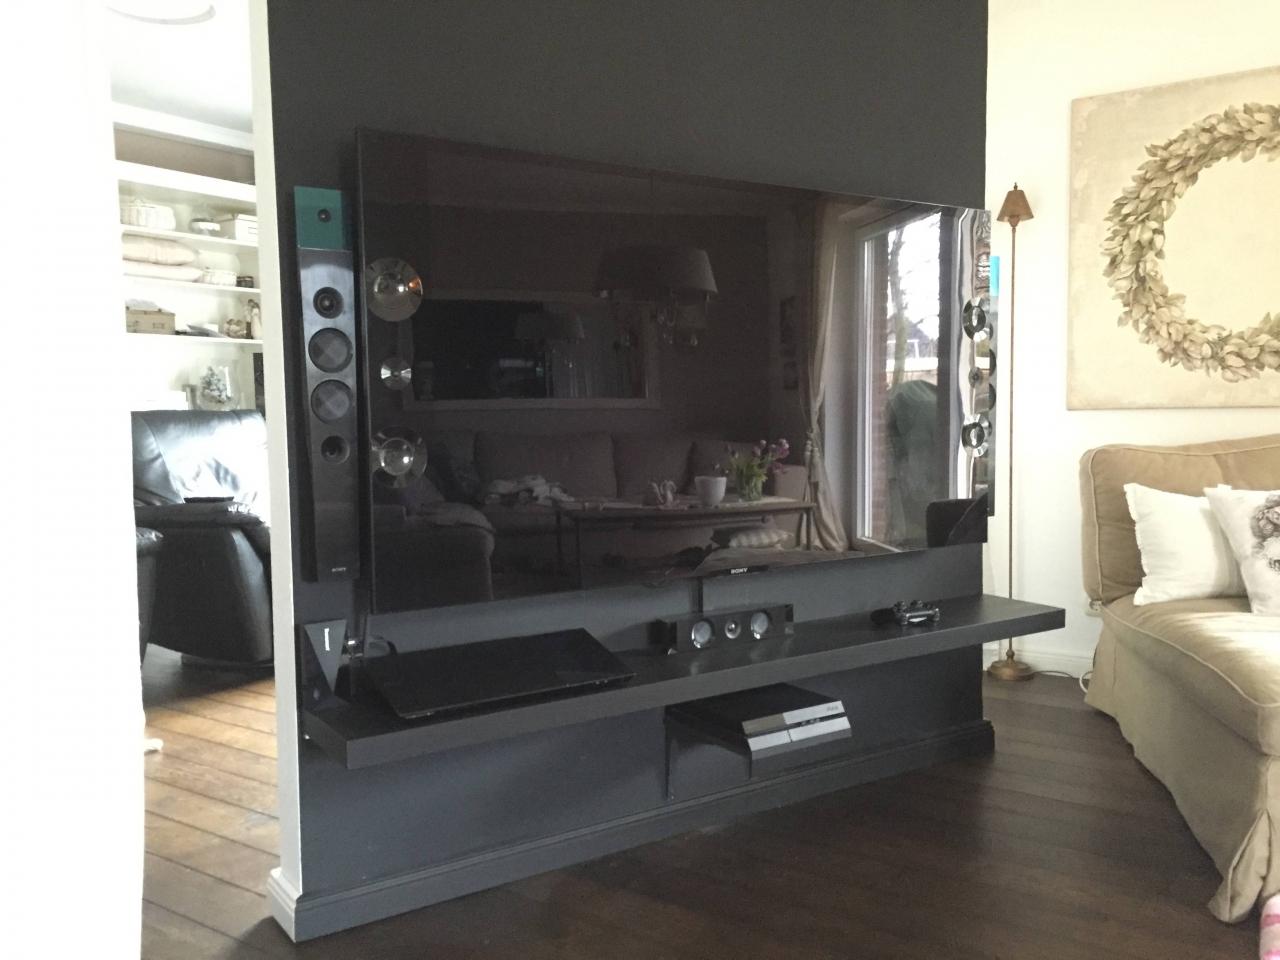 Drehbare TV Wand Als Raumteiler   Bauanleitung Zum Selberbauen   1 2 Do.com    Deine Heimwerker Community